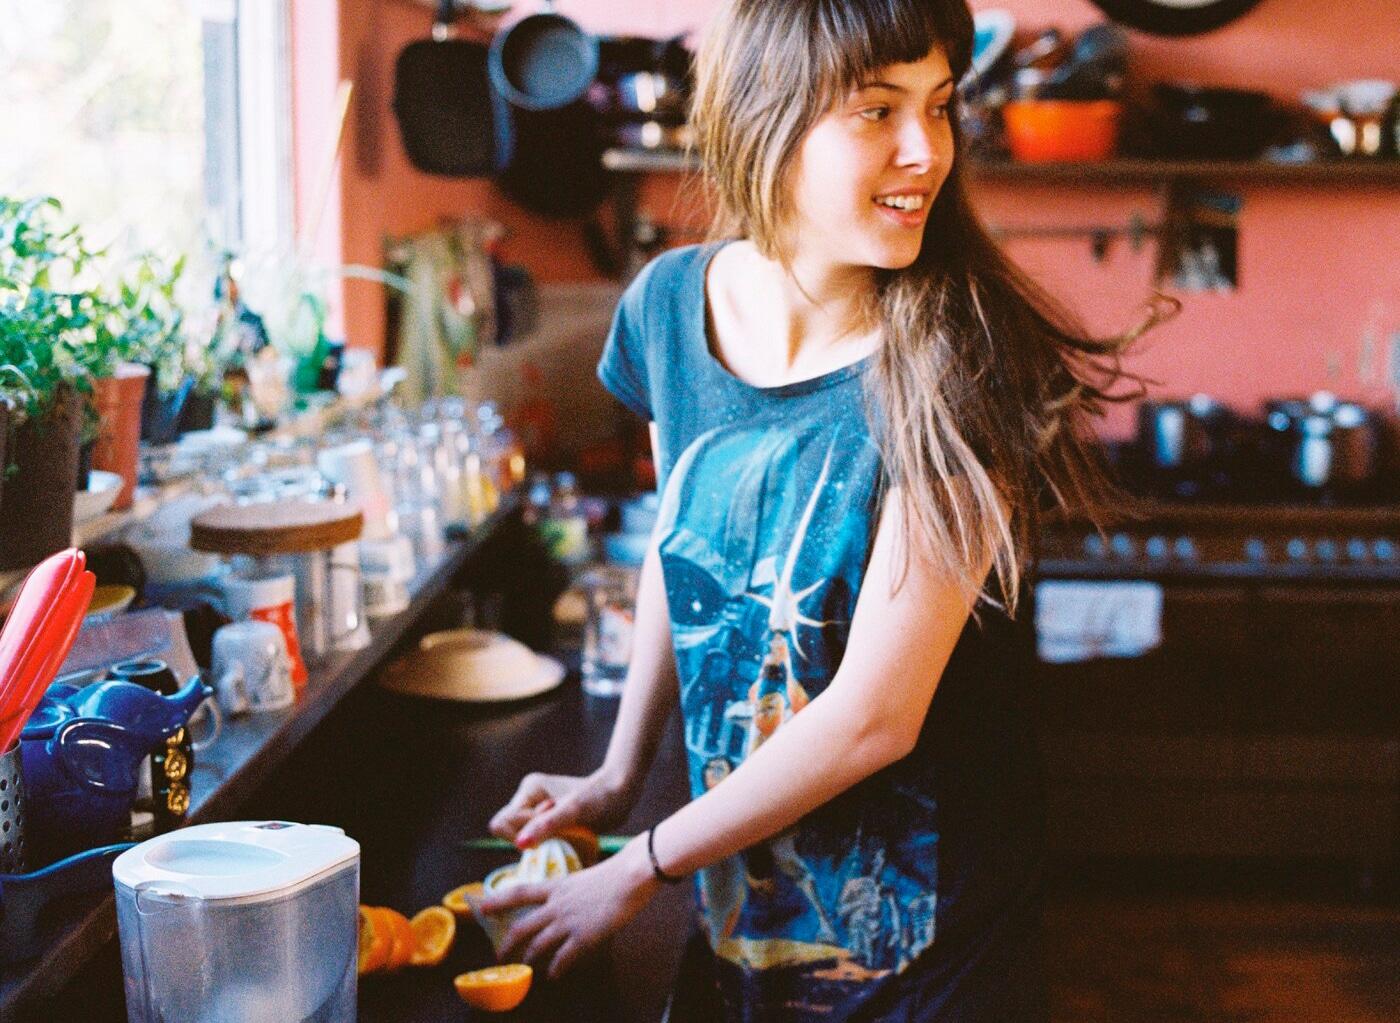 Mlada ženska, ki ob kuhinjskem koritu umiva in reže sadje, se k nekomu obrača.